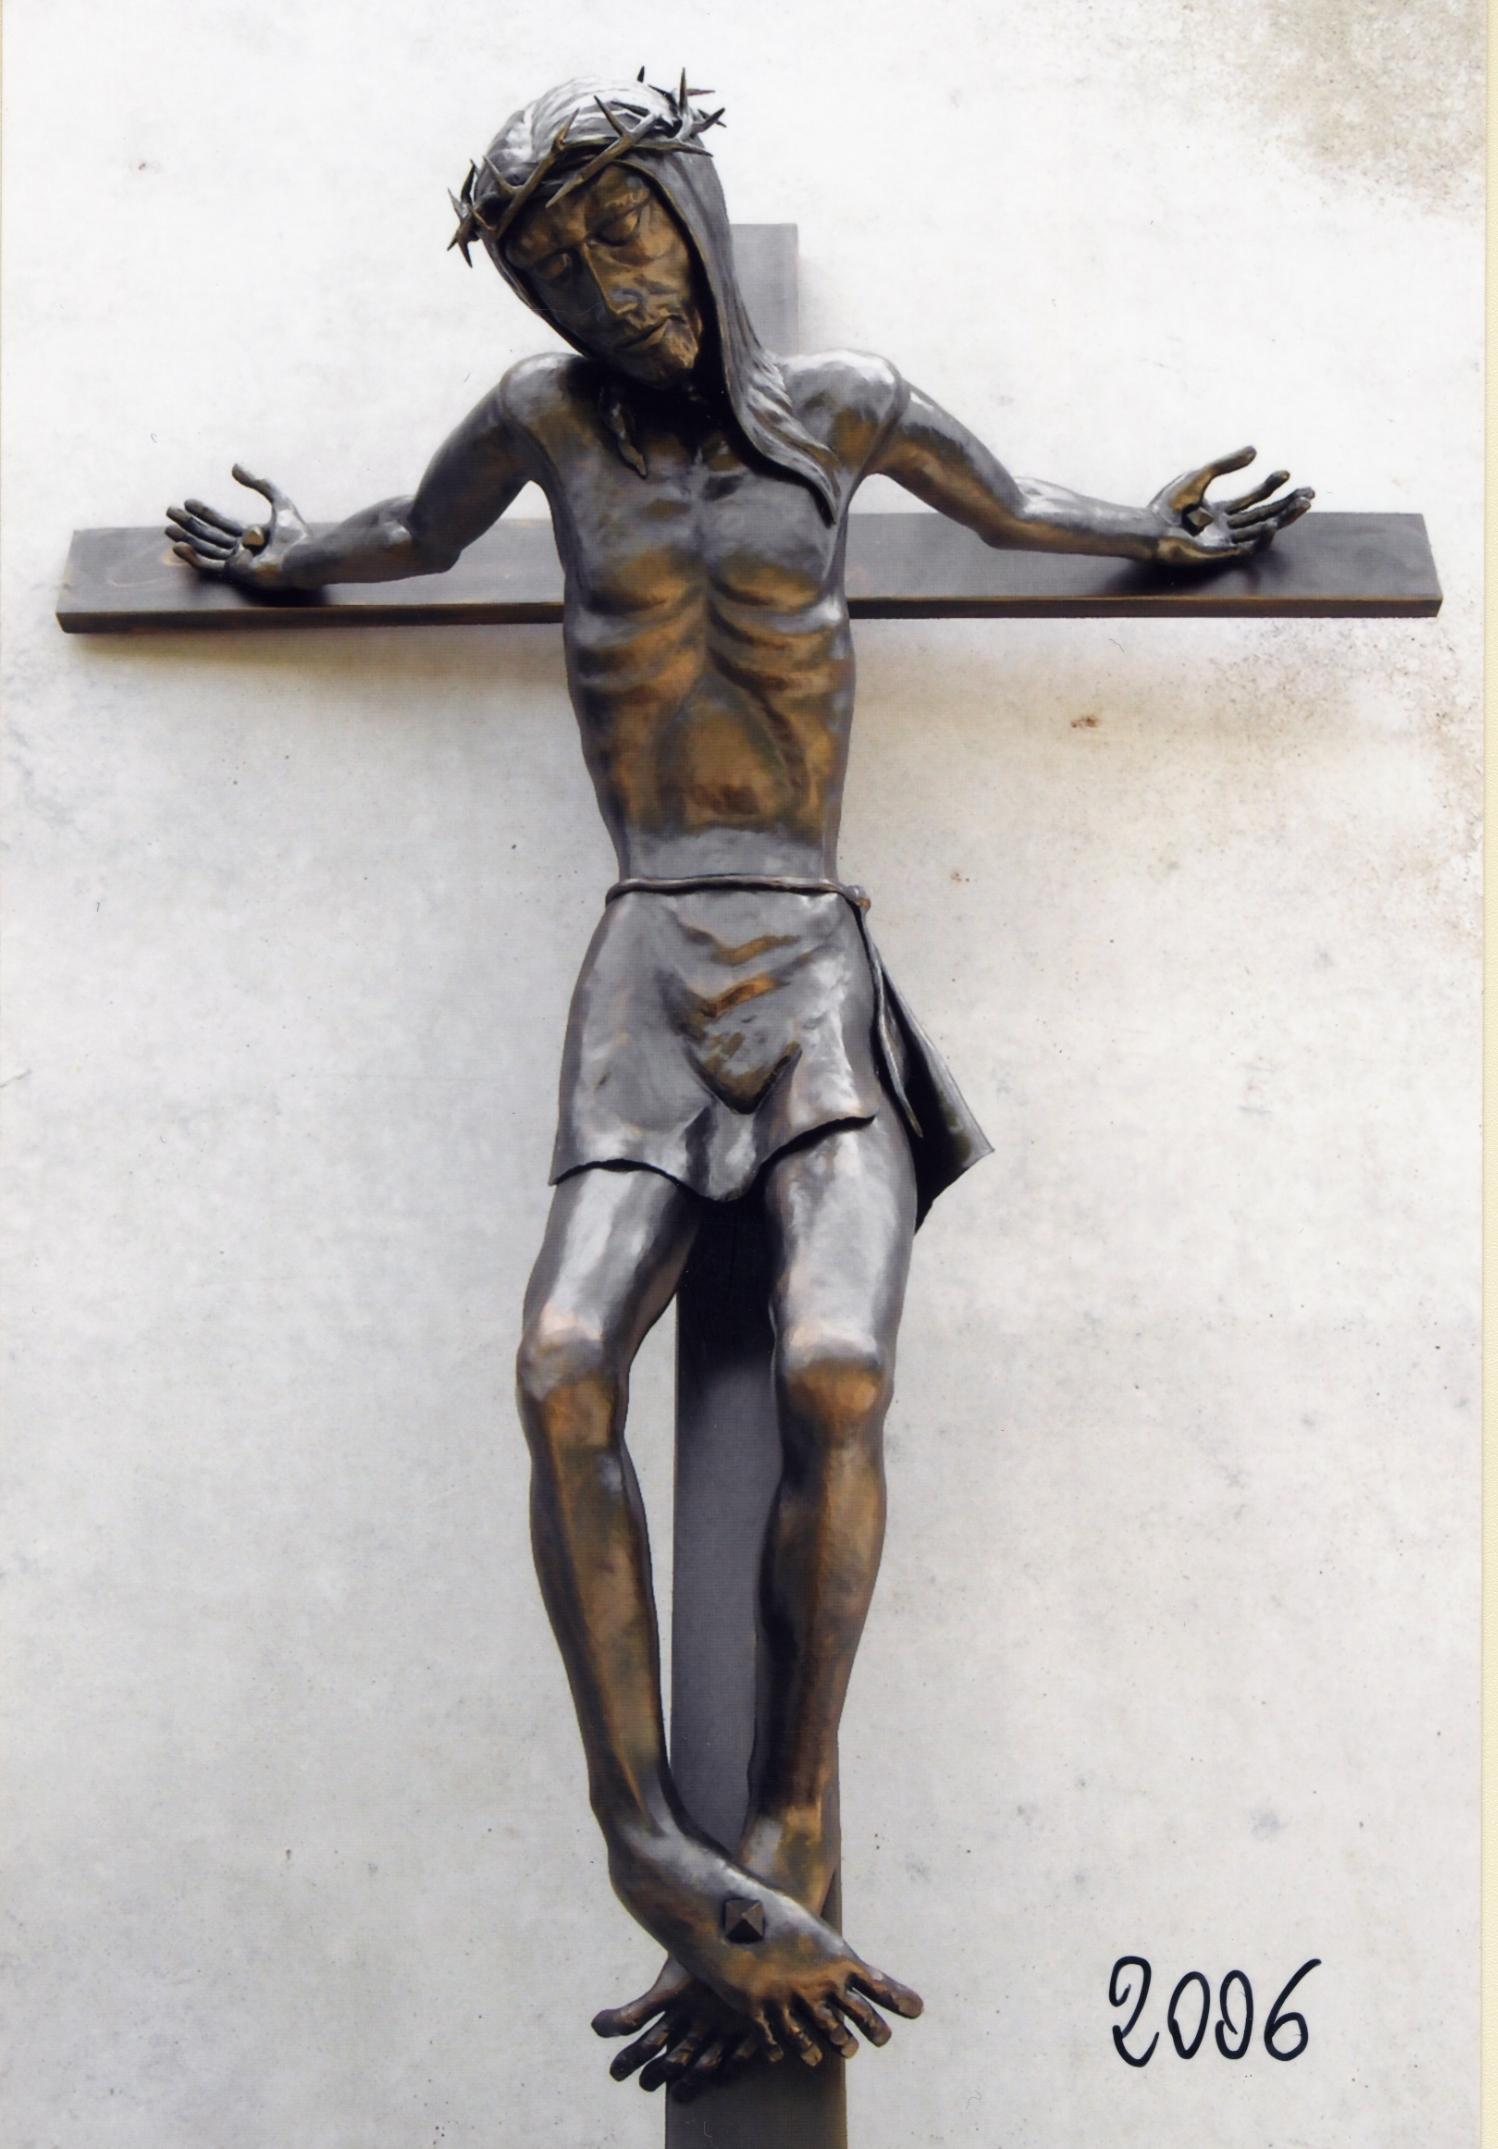 2006 - Chiesa privata - Verona